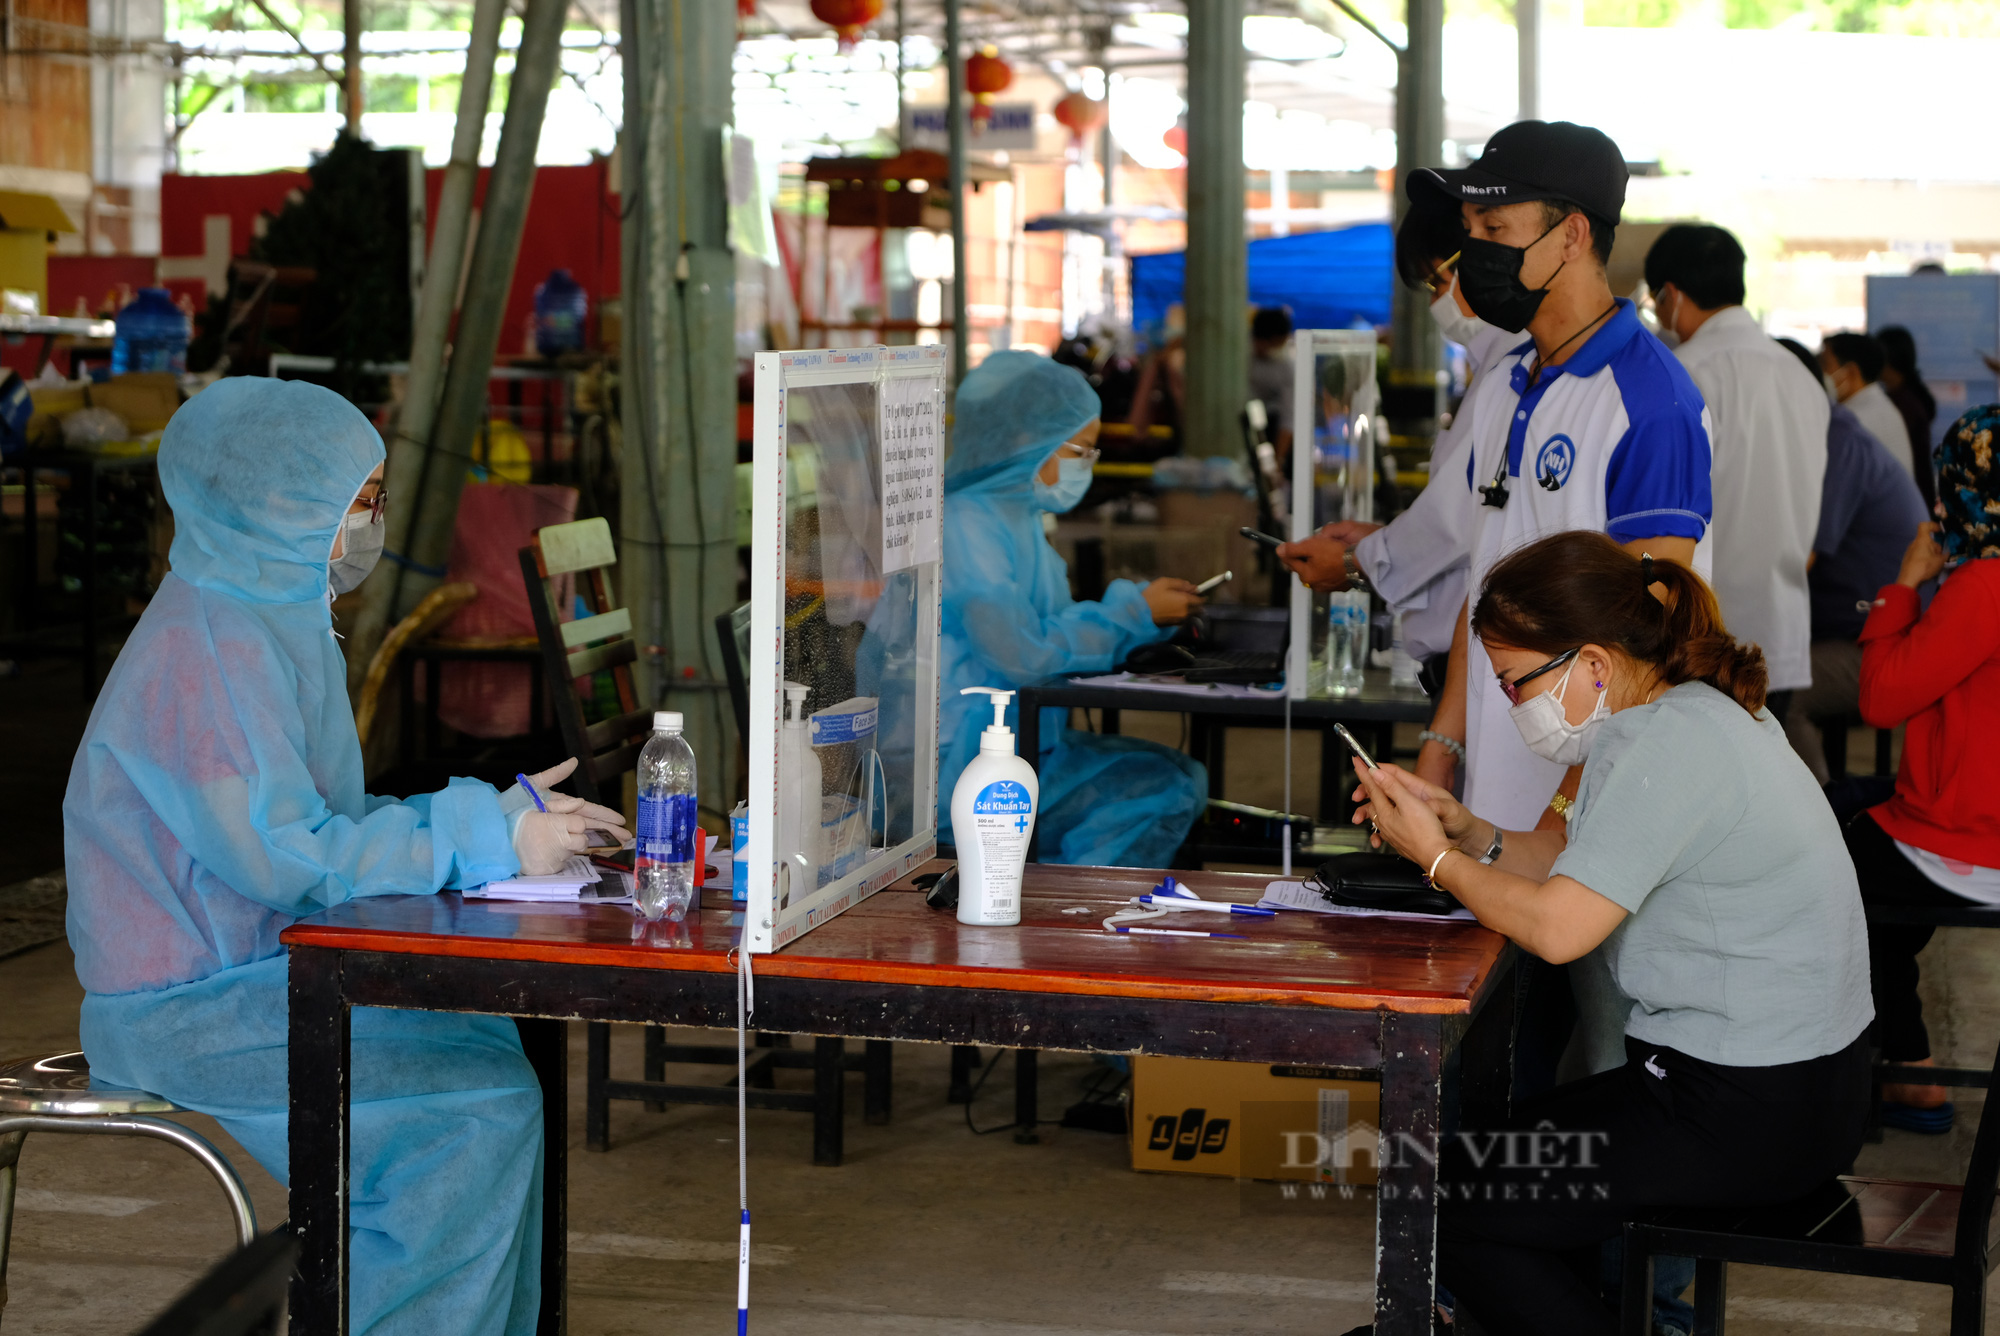 Tạm đình chỉ công tác chủ tịch phường Lộc Sơn do thiếu trách nhiệm trong phòng chống Covid-19  - Ảnh 2.